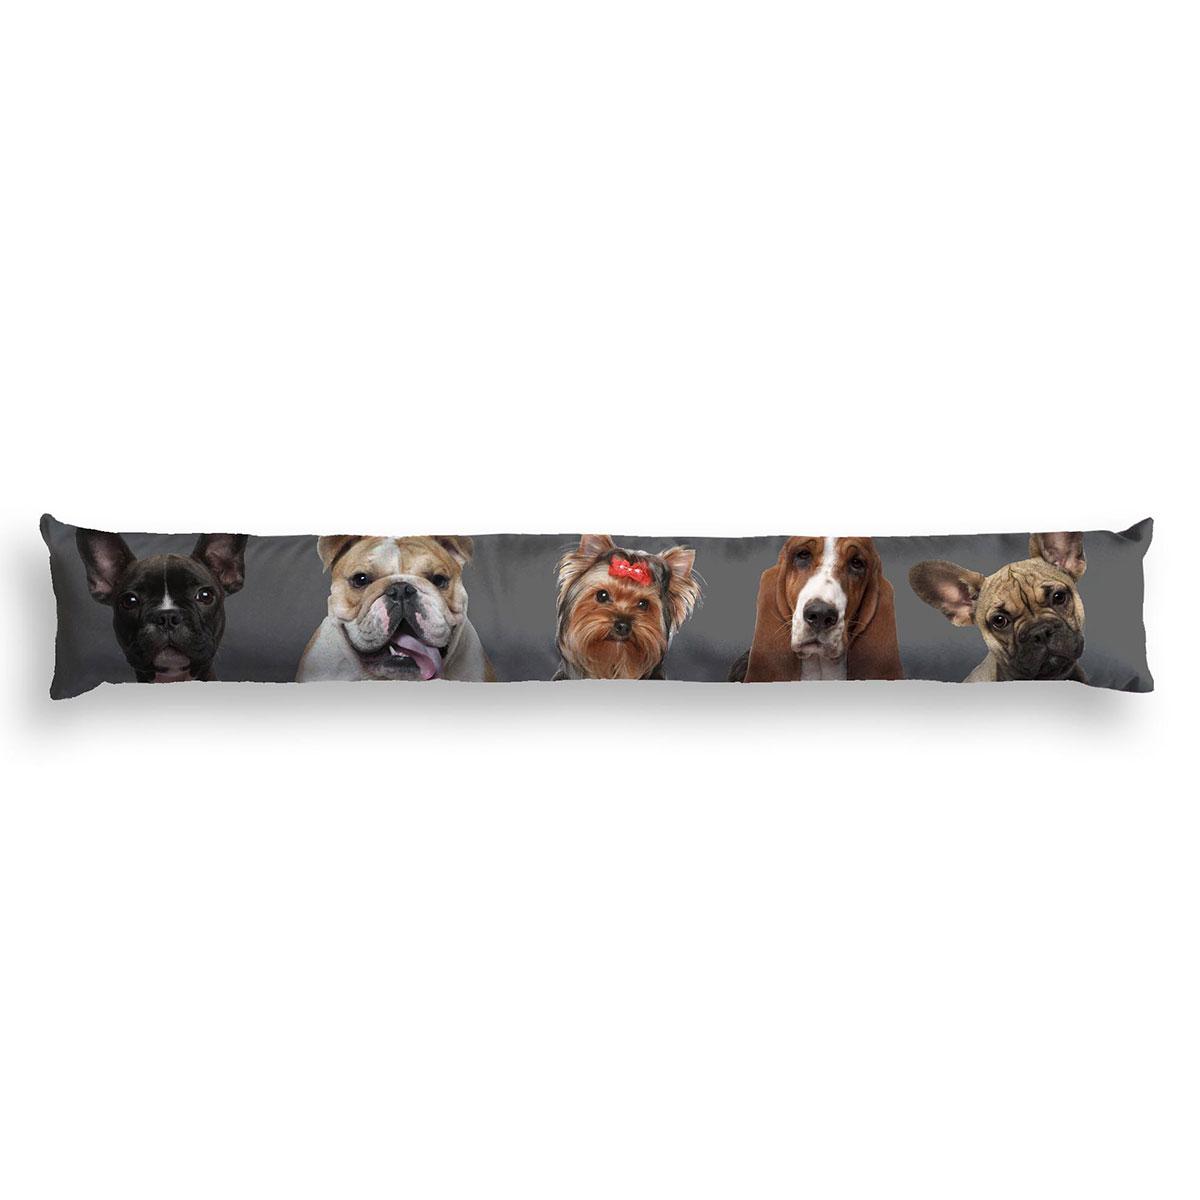 coussin bas de porte family dogs gris homemaison. Black Bedroom Furniture Sets. Home Design Ideas